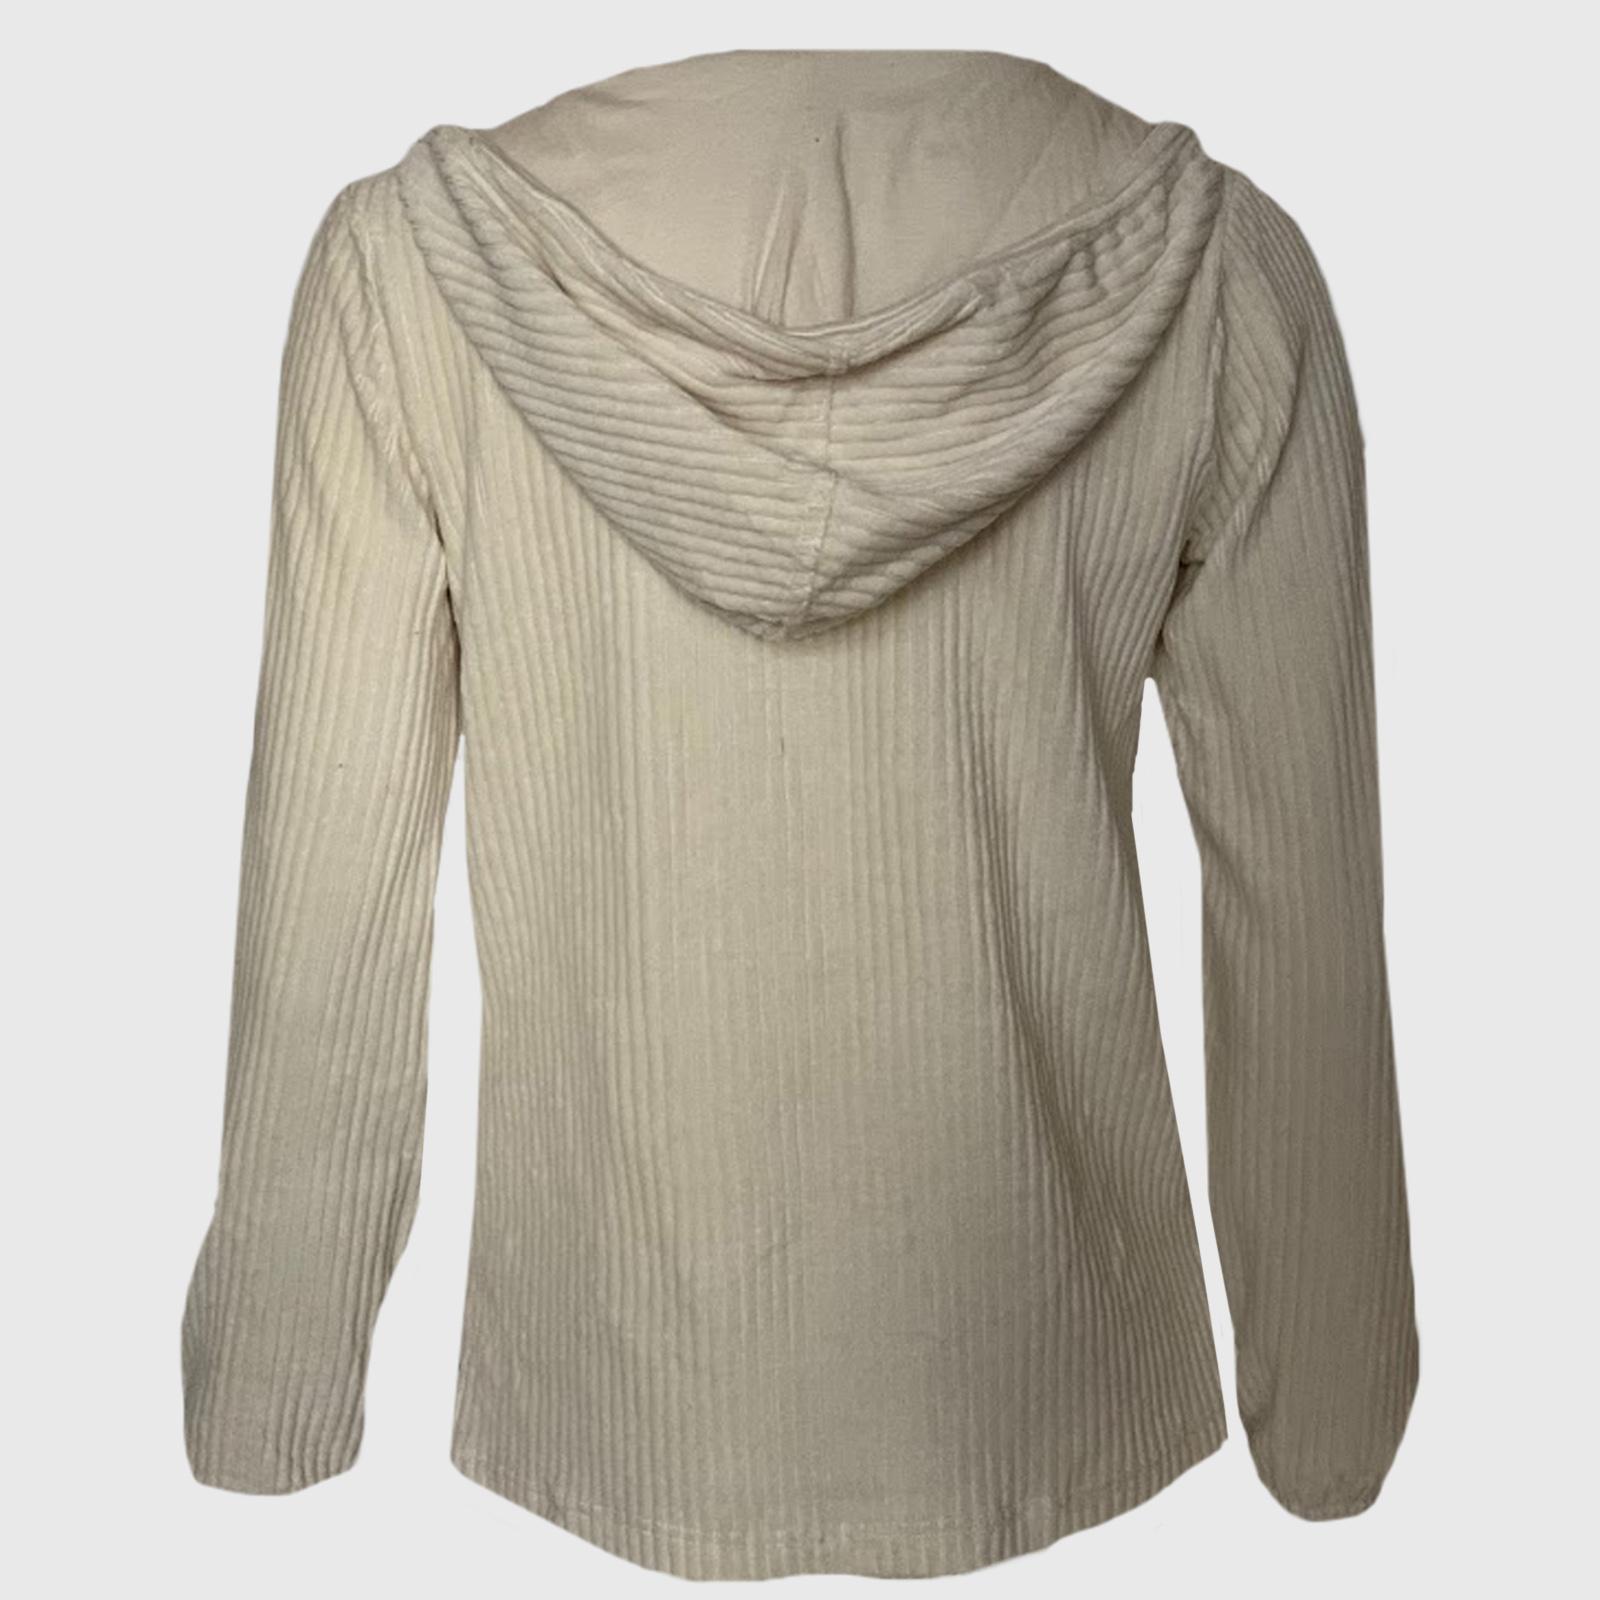 Модная одежда Z Supply для девушек и женщин: регланы, кофты, туники, свитерки